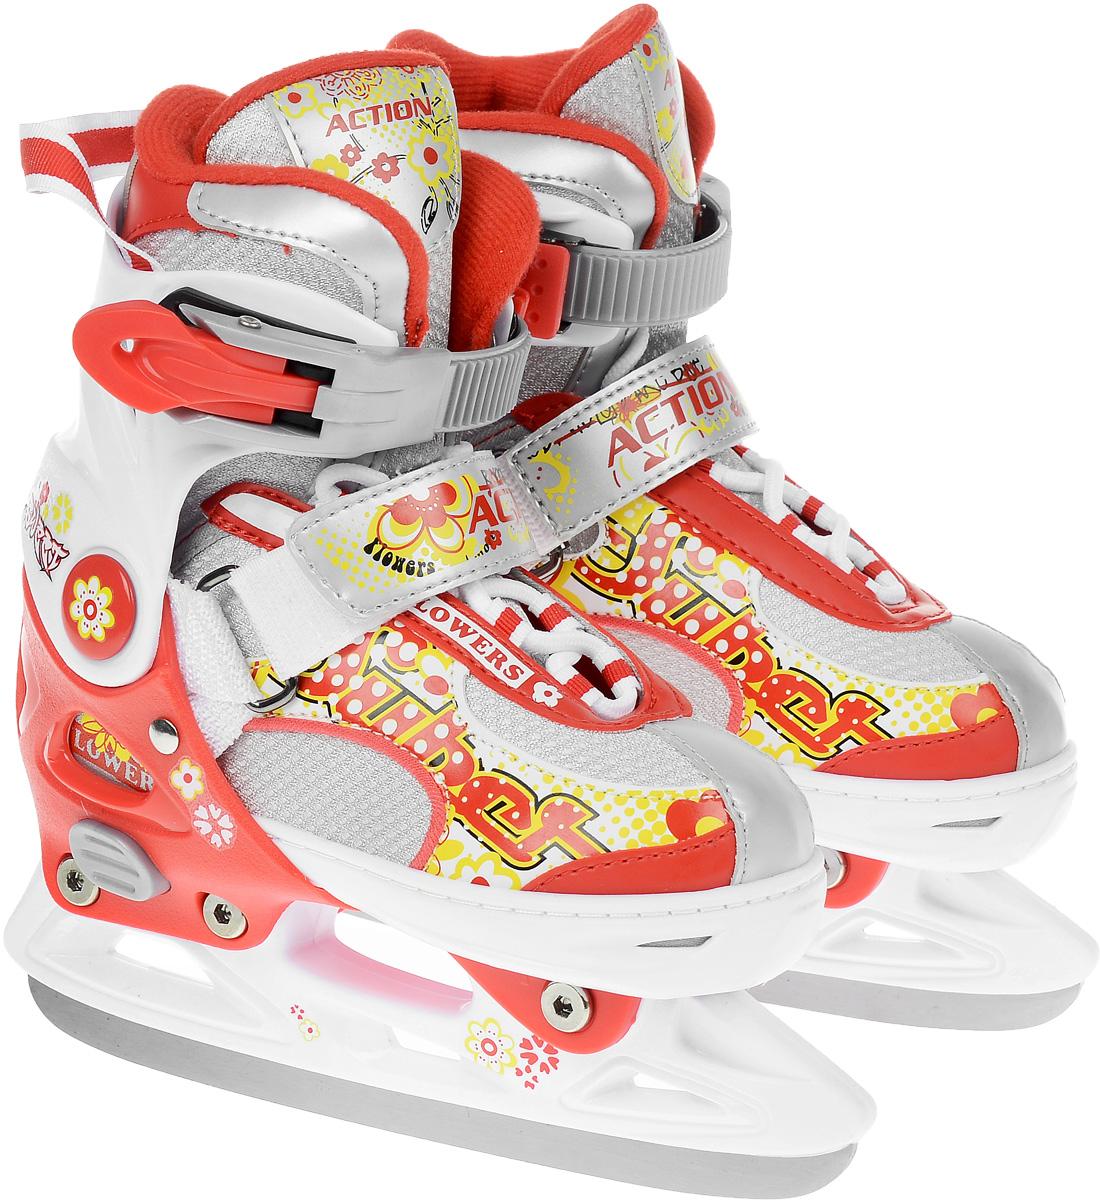 Коньки ледовые для девочки Action Sporting Goods, раздвижные, цвет: белый, красный. PW-113. Размер 29/32PW-113Яркие ледовые коньки для девочки Sporting Goods с ударопрочной защитной конструкцией отлично подойдут для начинающих обучаться катанию. Ботинки изготовлены из морозостойкого пластика, который защитит ноги от ударов. Пластиковая бакля с фиксатором, хлястик на липучке и шнуровка надежно фиксируют голеностоп. Внутренний сапожок, выполненный из мягкого текстиля, обеспечит тепло и комфорт во время катания. Фигурное лезвие изготовлено из нержавеющей стали со специальным покрытием, придающим дополнительную прочность. Изделие декорировано по верху яркими изображениями. Особенностью коньков является раздвижная конструкция, которая позволяет увеличивать длину ботинка на 4 размера по мере роста ноги ребенка. У сапожка на мыске имеется специальная кнопка, которая позволит увеличить его размер. Стильные коньки придутся по душе вашей дочурке.